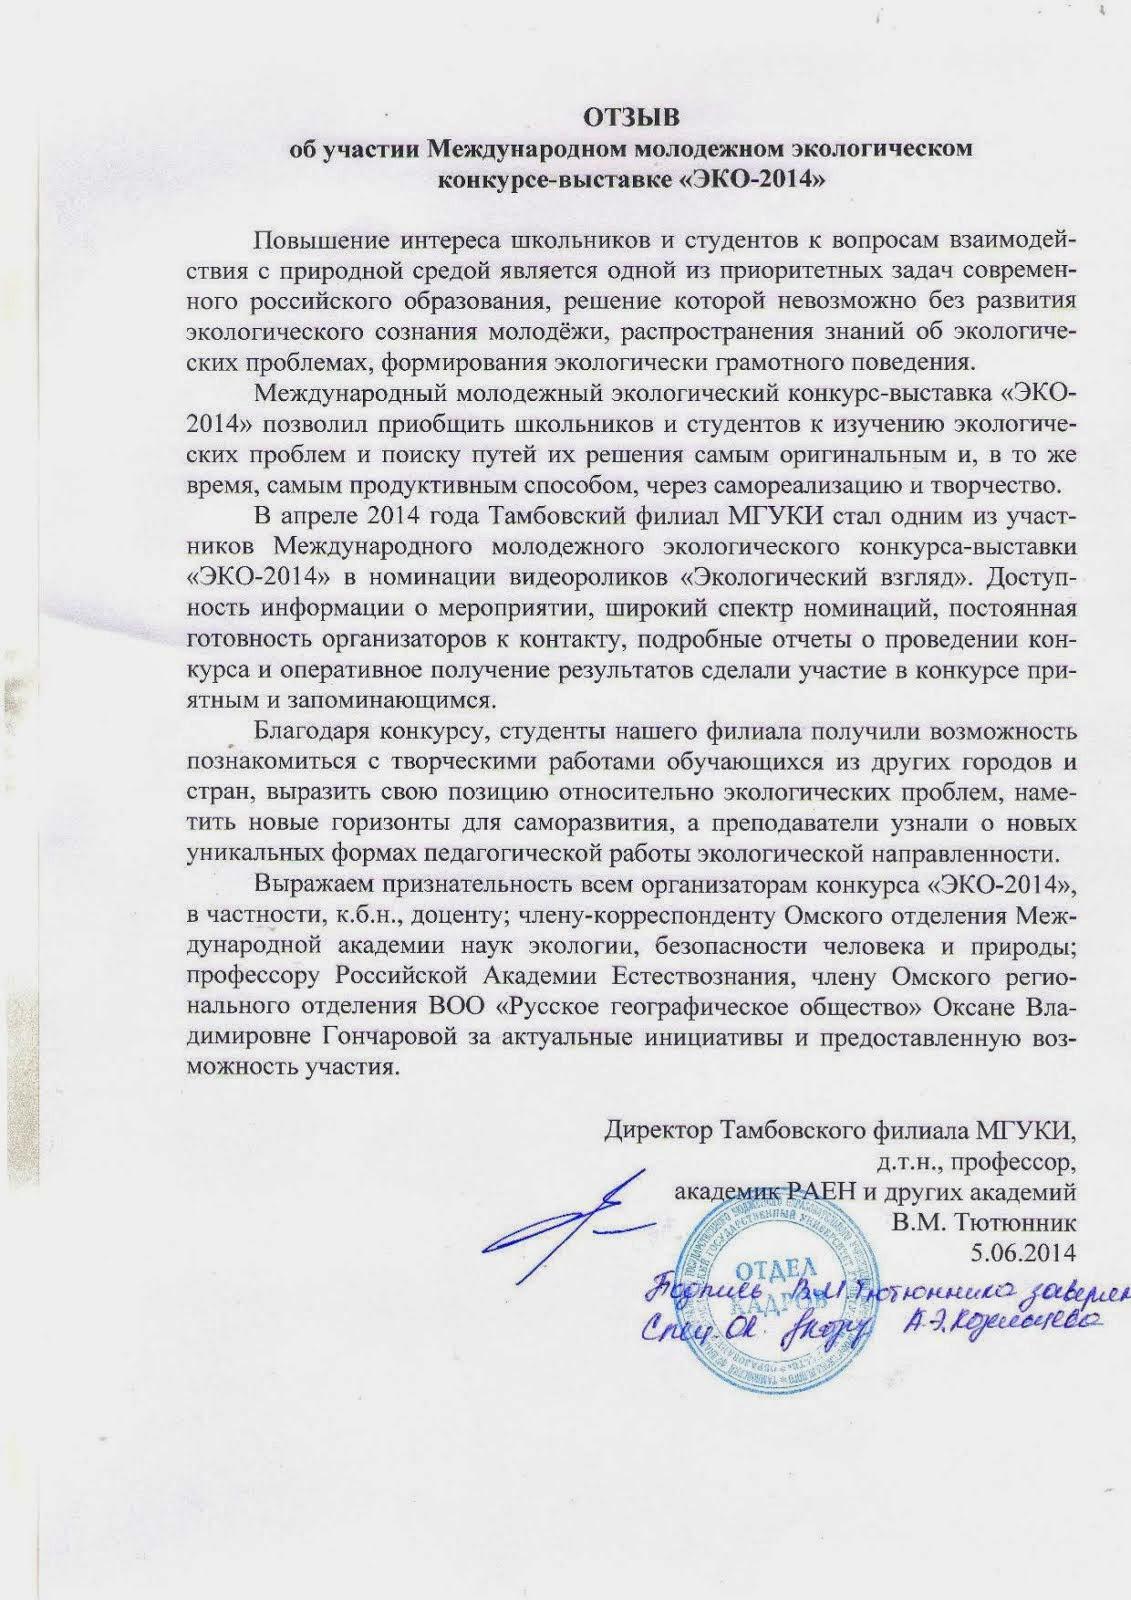 Благодарю Светлану Николаевну Пенину и коллектив Тамбовского филиала МГУКИ за предоставленный отзыв